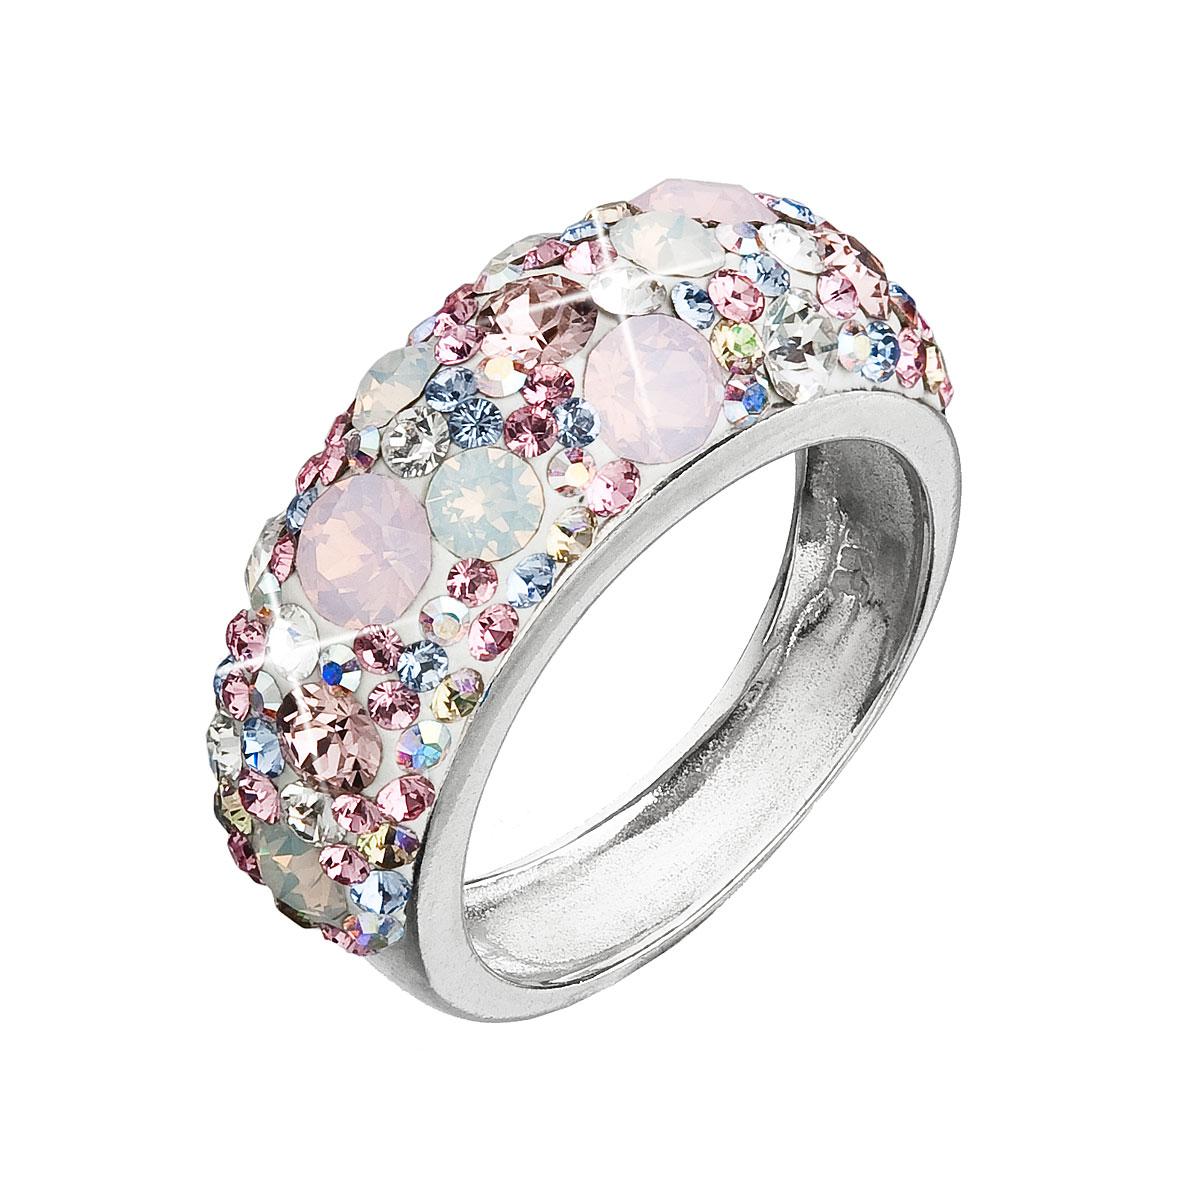 Strieborný prsteň s krištáľmi Swarovski ružový 35031.3